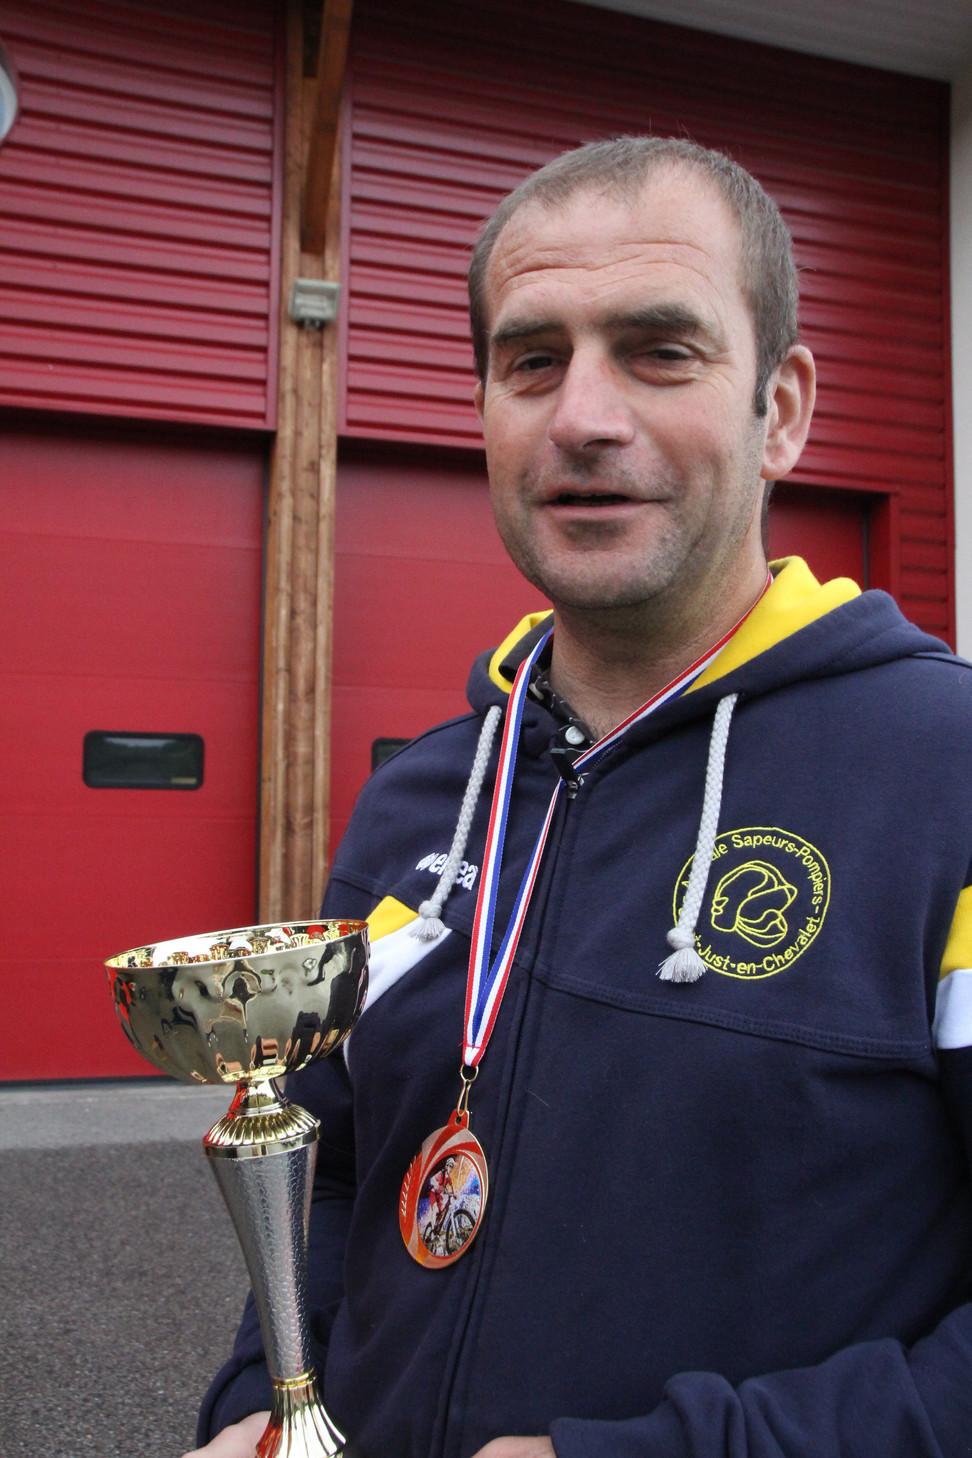 Médaille d'or pour les sapeurs-pompiers volontaires de St Just-en-Chevalet